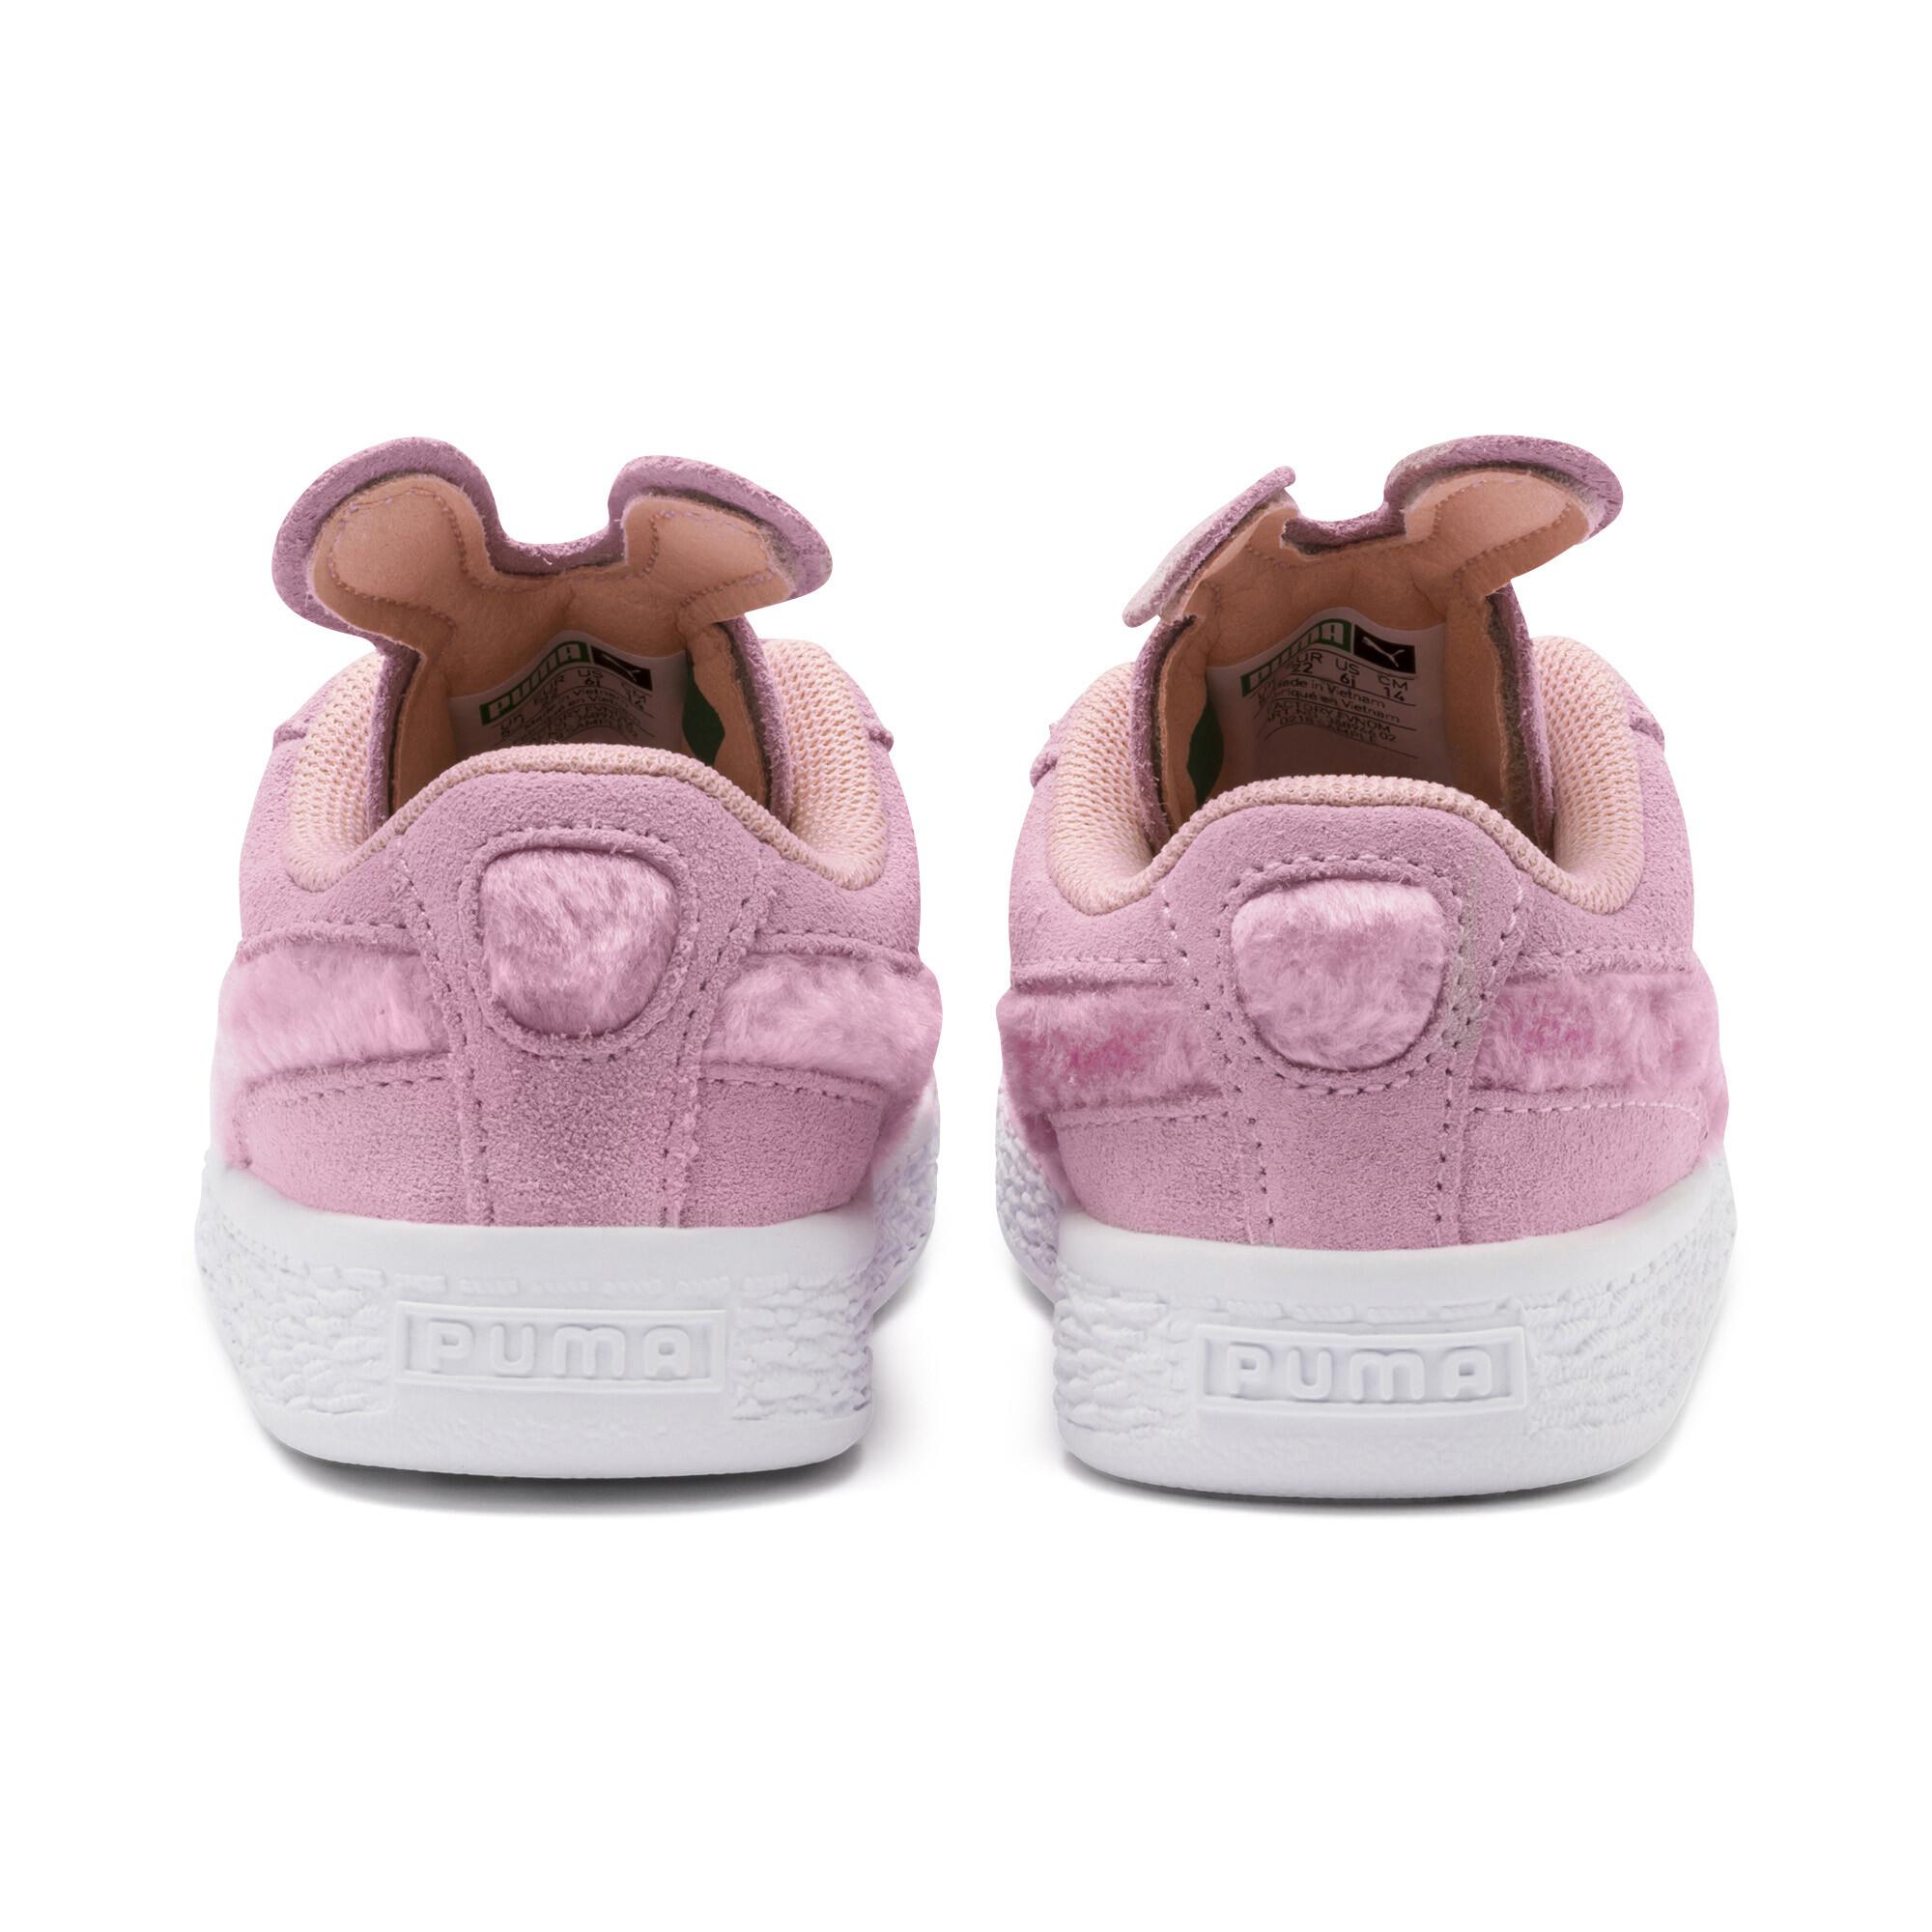 Zapatillas Suede Easter para bebés